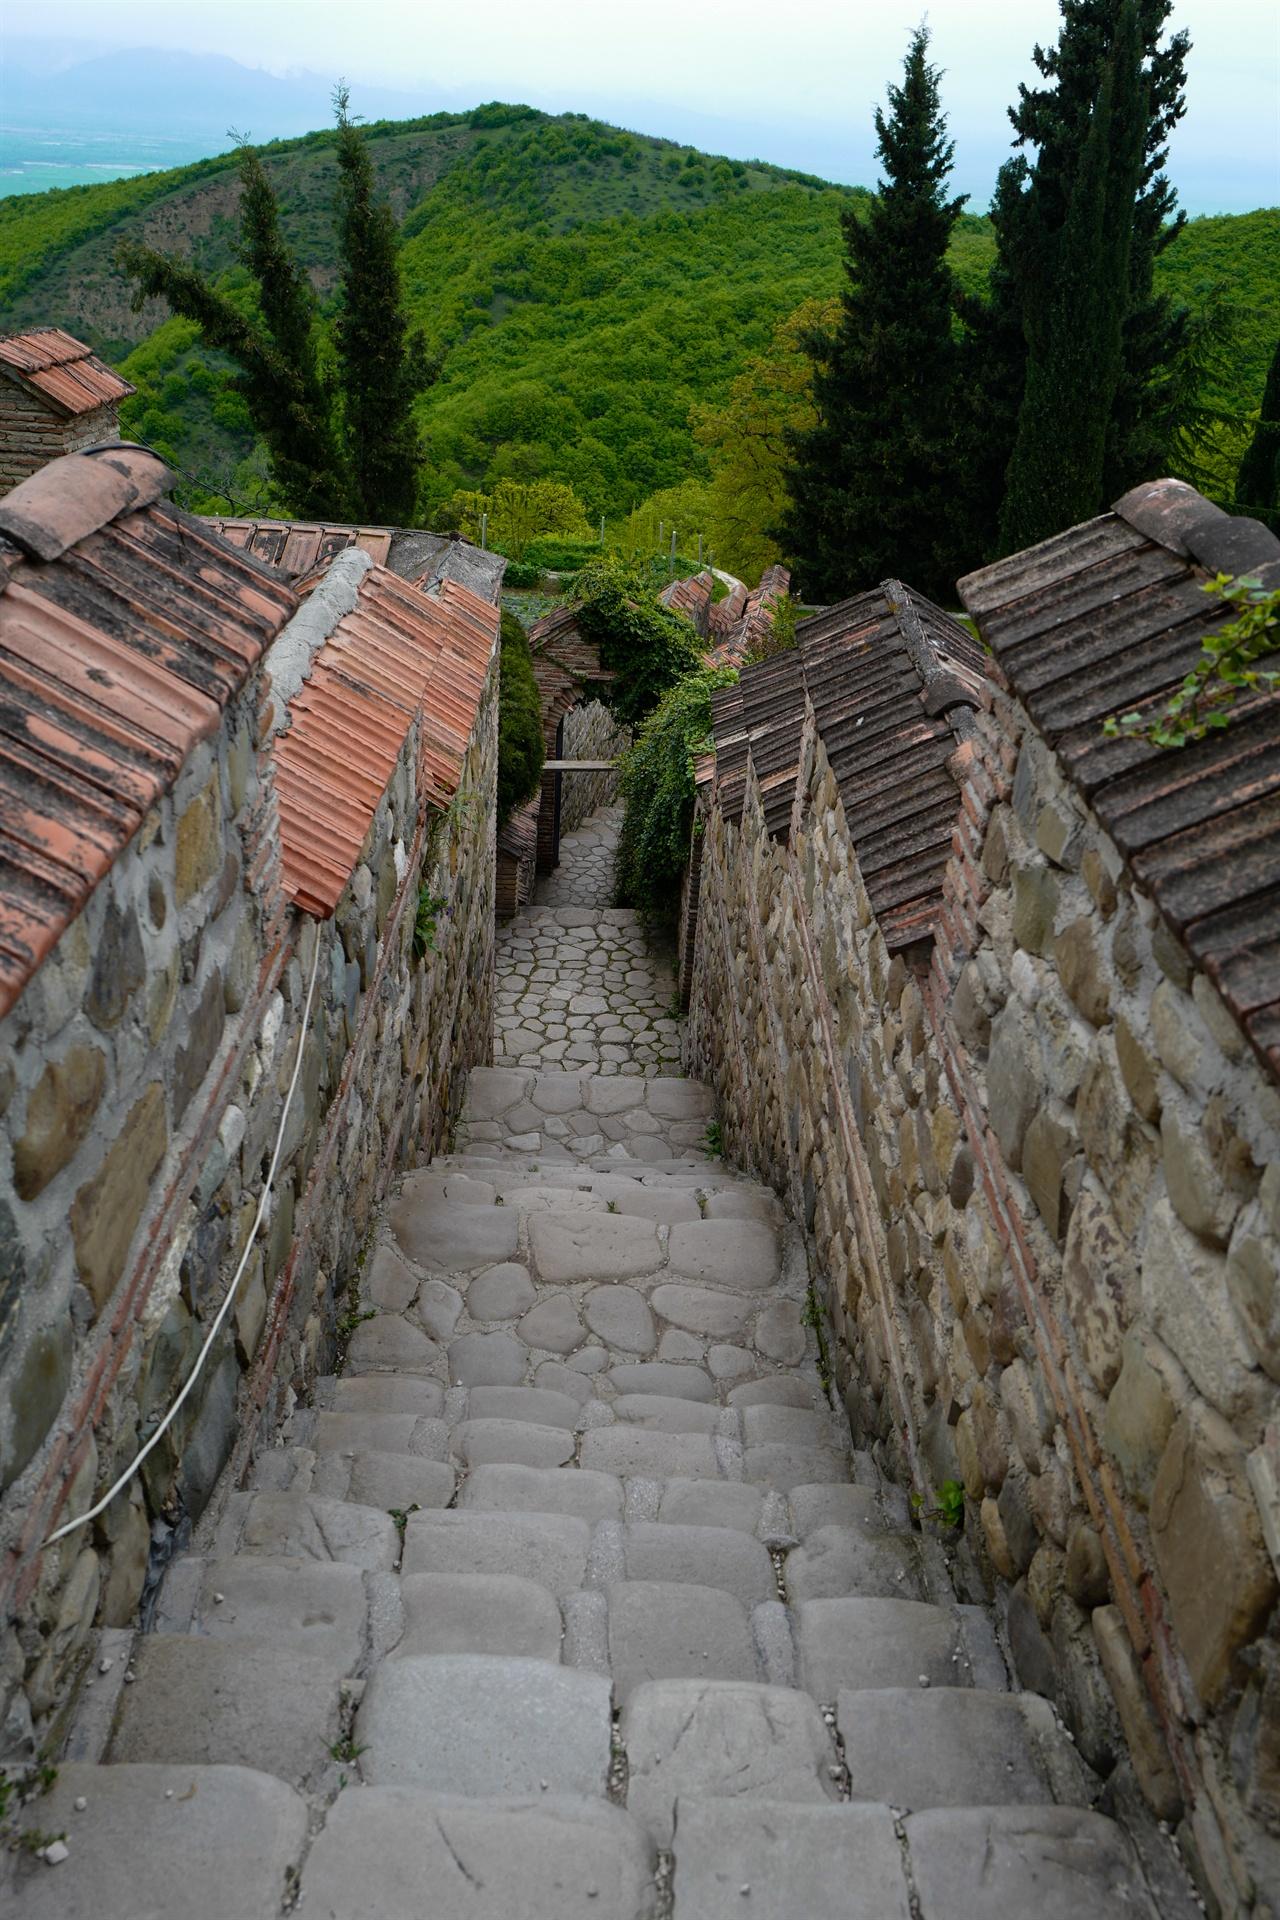 보드베수도원 성 니노 샘으로 가는 길. 계단을 따라 한참 걸어 내려가야 한다.